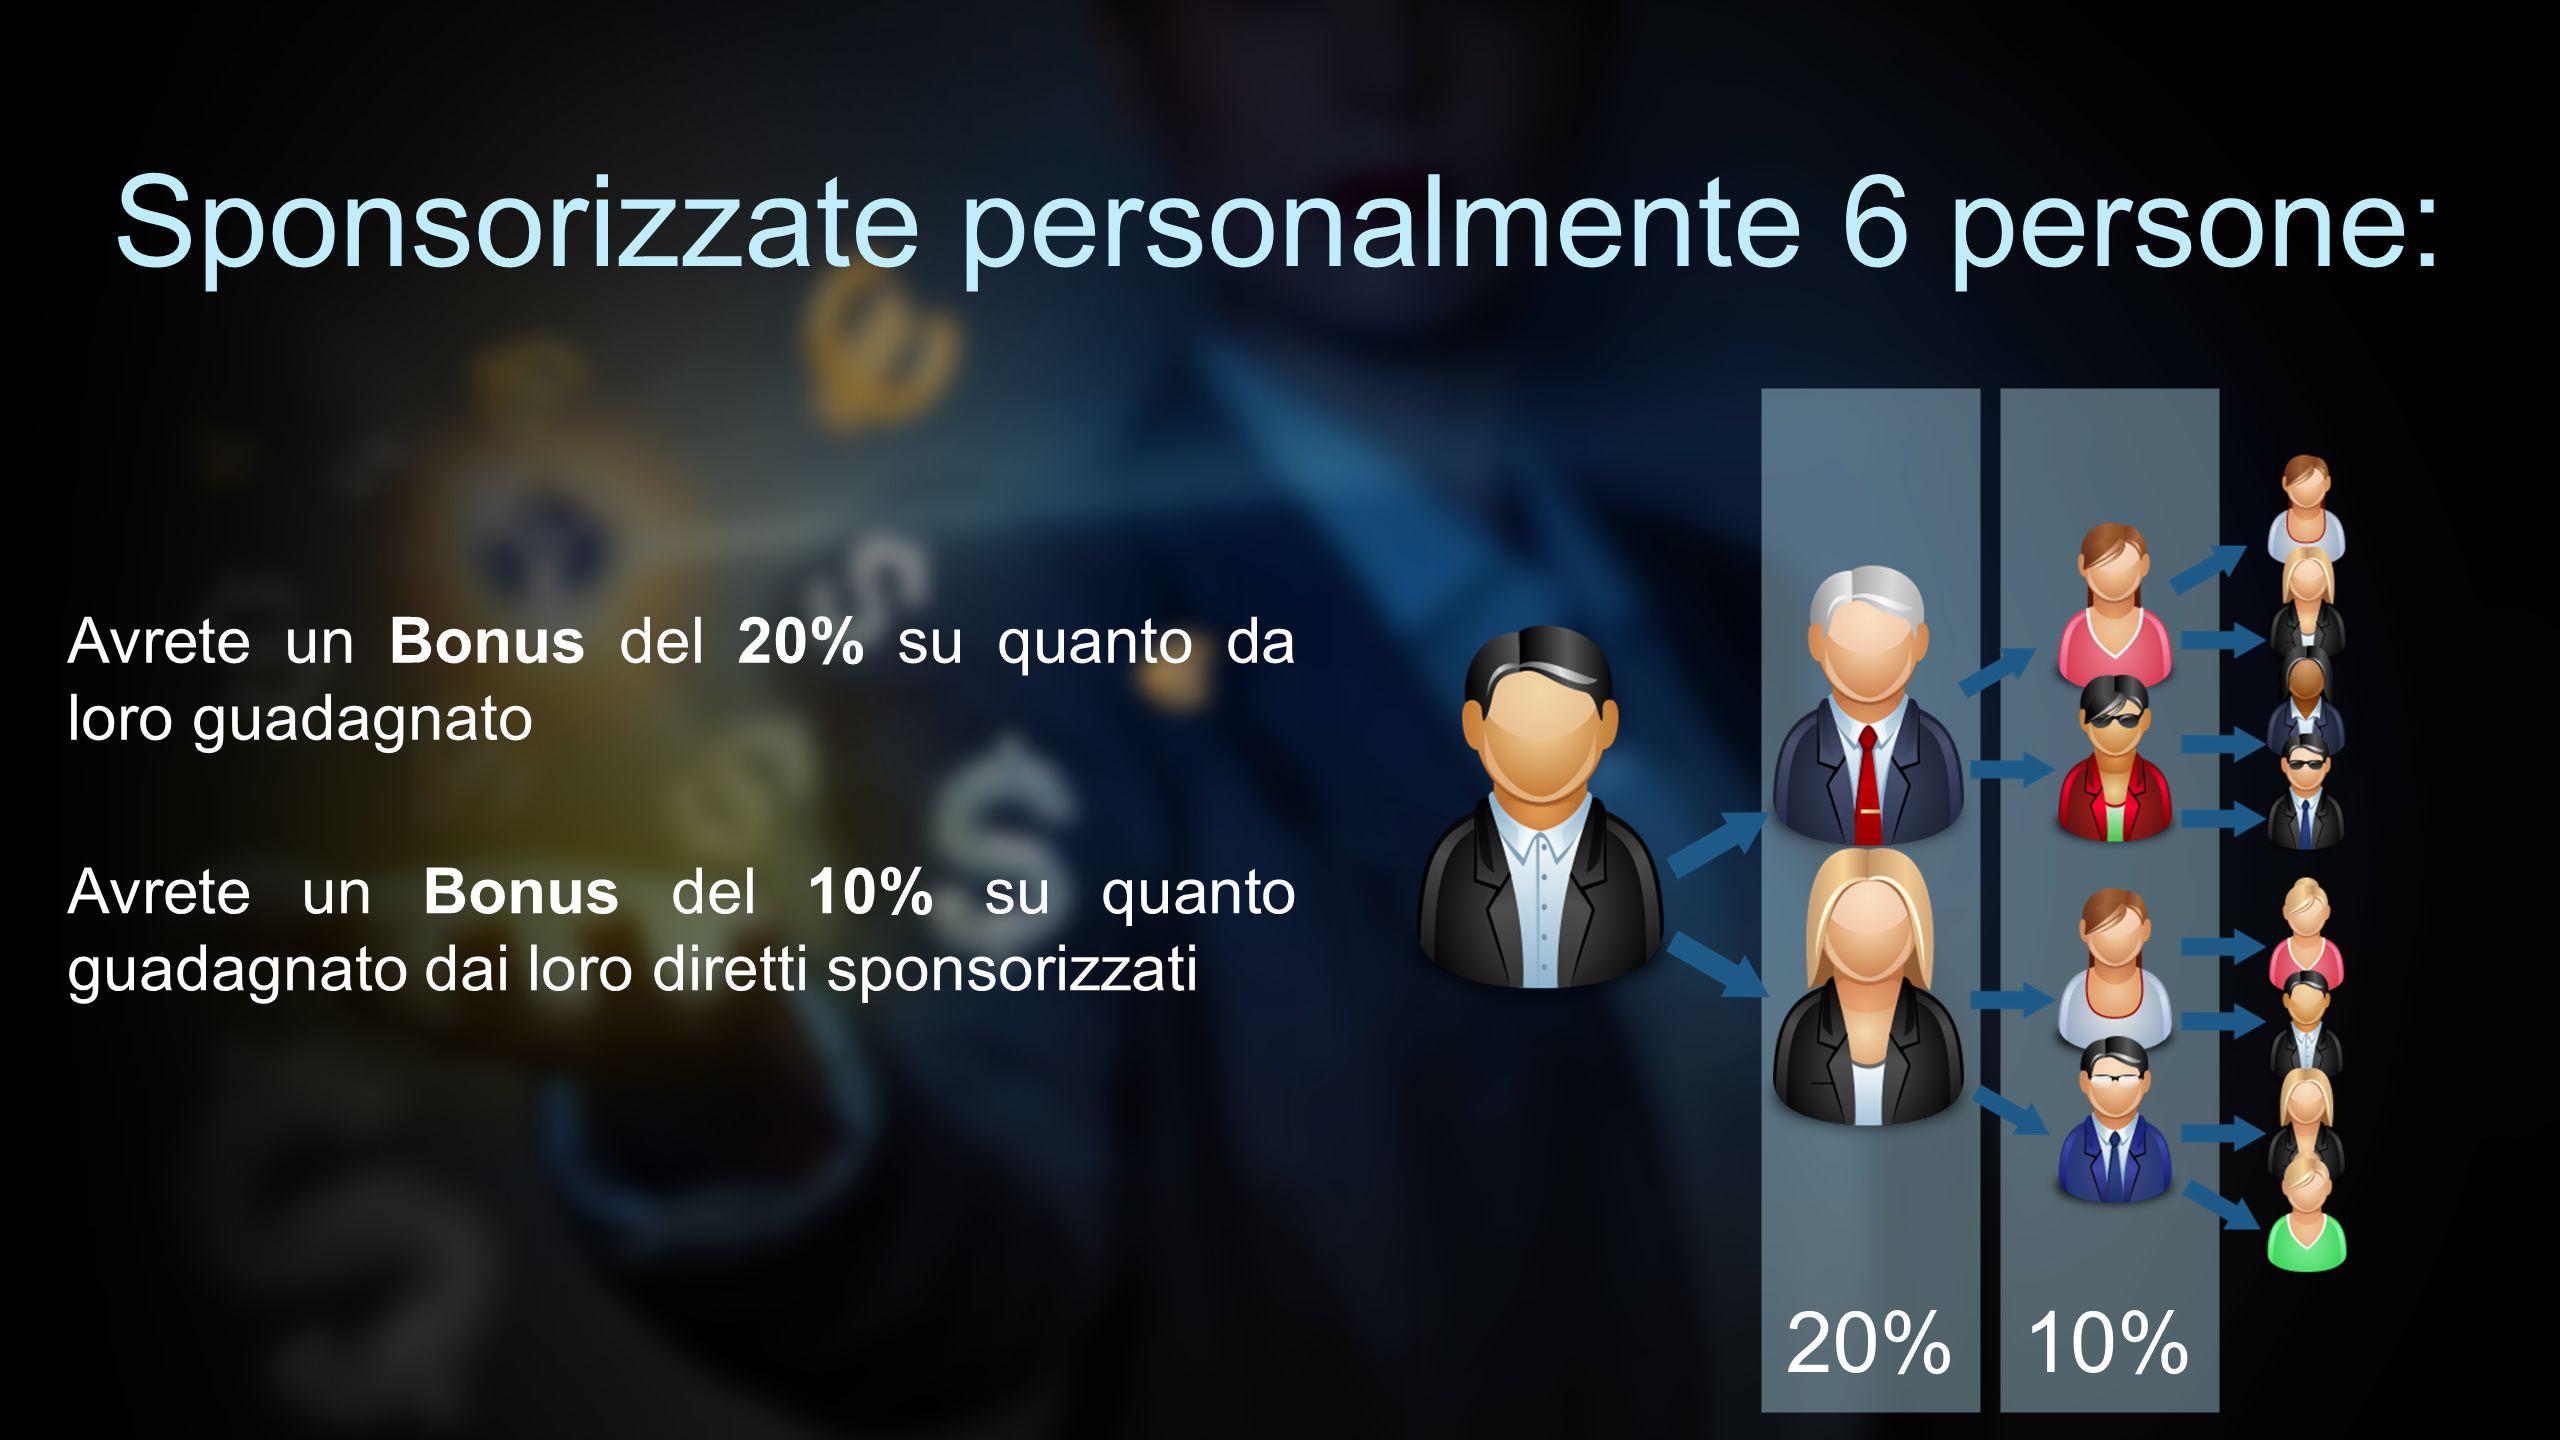 20% Sponsorizzate personalmente 6 persone: Avrete un Bonus del 20% su quanto da loro guadagnato Avrete un Bonus del 10% su quanto guadagnato dai loro